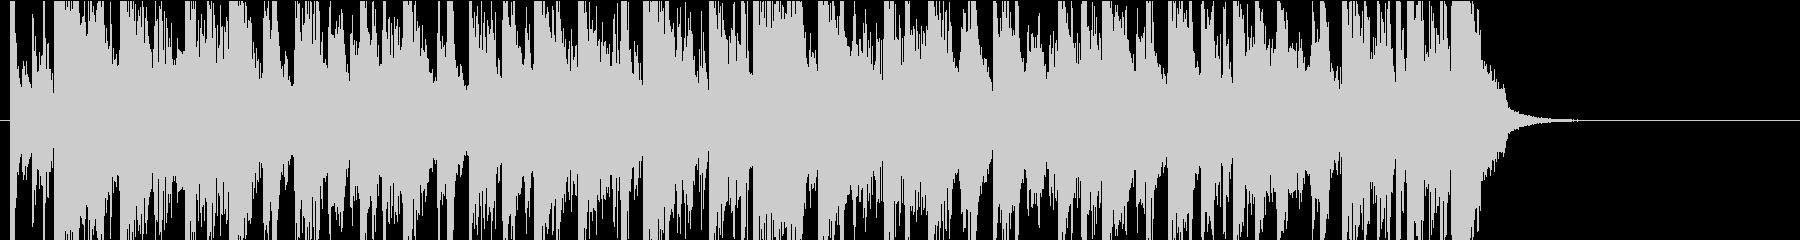 24秒・アコギとピアノの爽やかジングルの未再生の波形